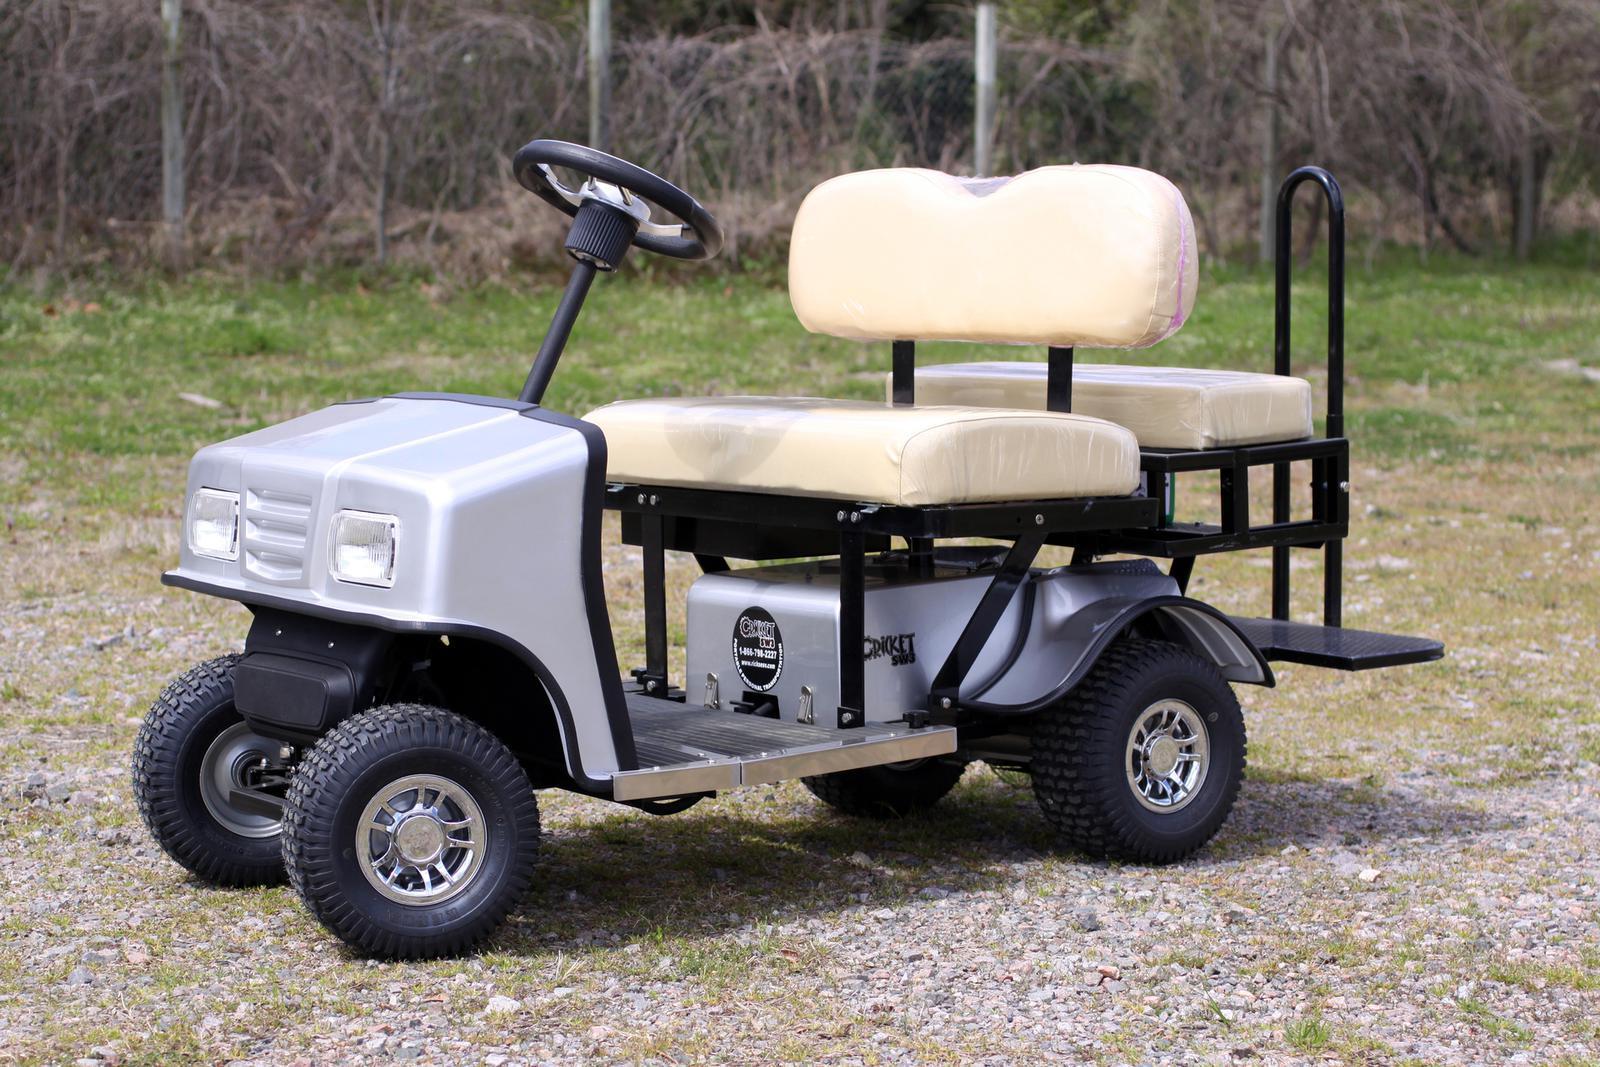 2018 Cricket Mini Golf Carts Sx 3 For Sale In Richmond Va Tiremax